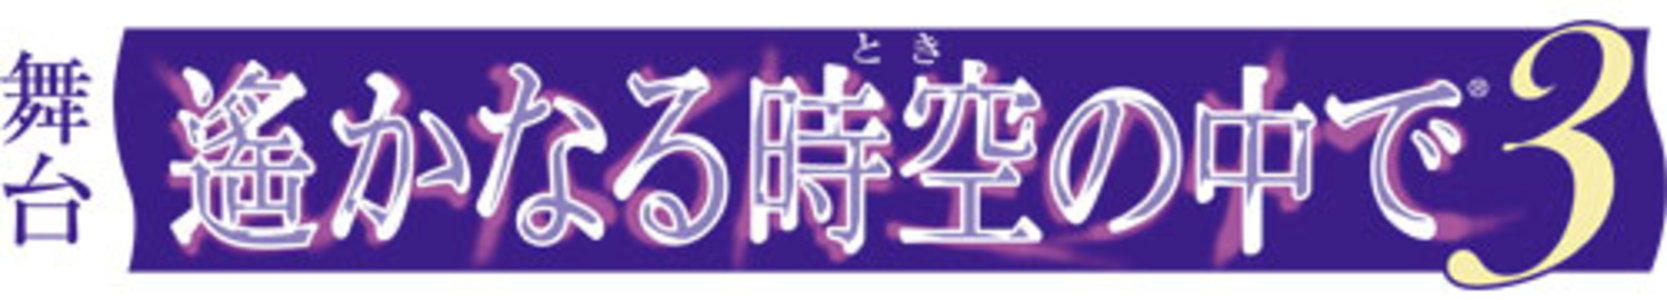 舞台「遙かなる時空の中で3」大阪公演 12/14